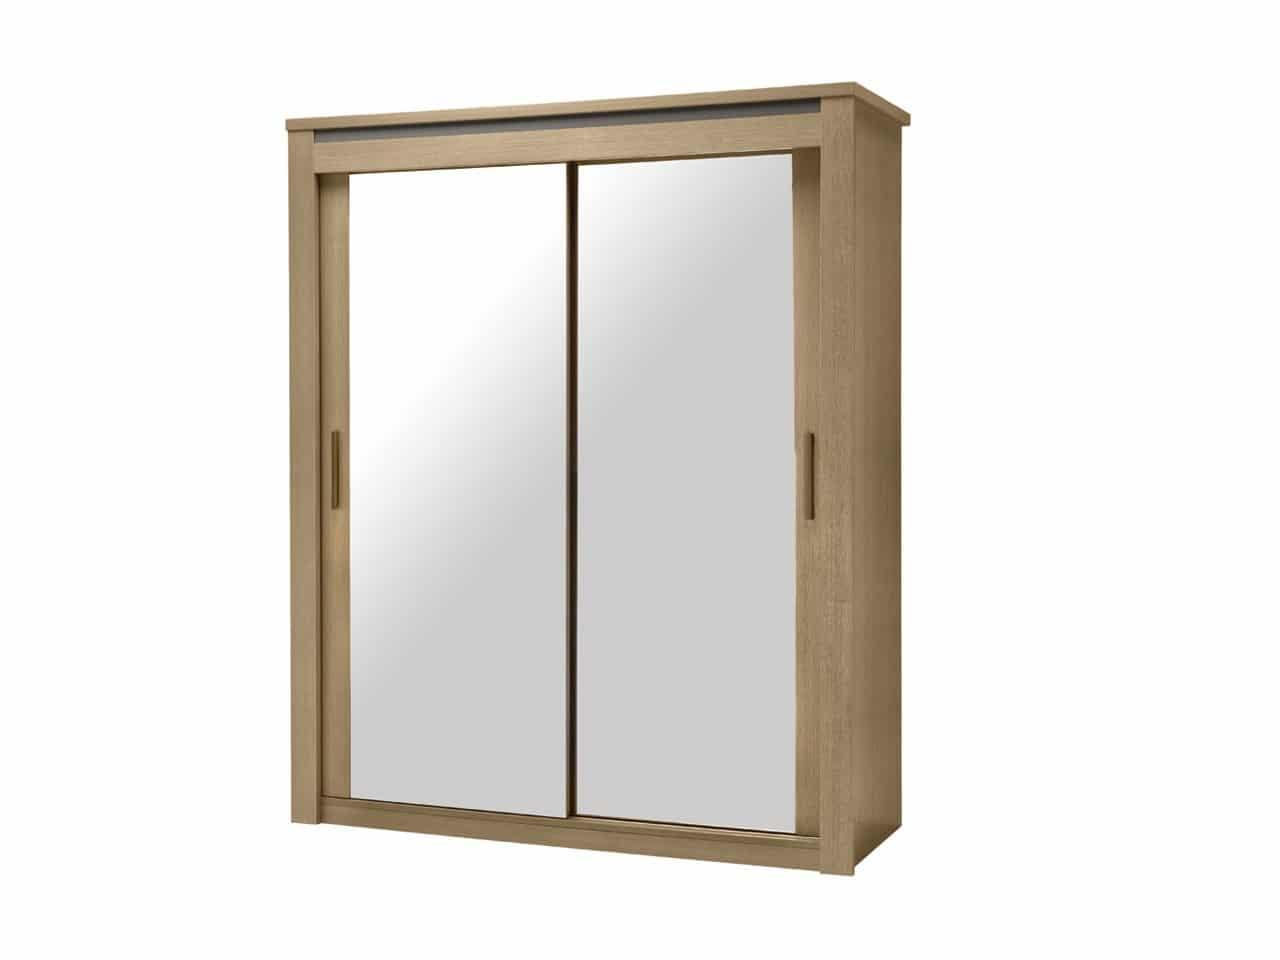 Armoire 2 Portes Coulissantes Miroirs 180 Luna Chêne U0026 Laque